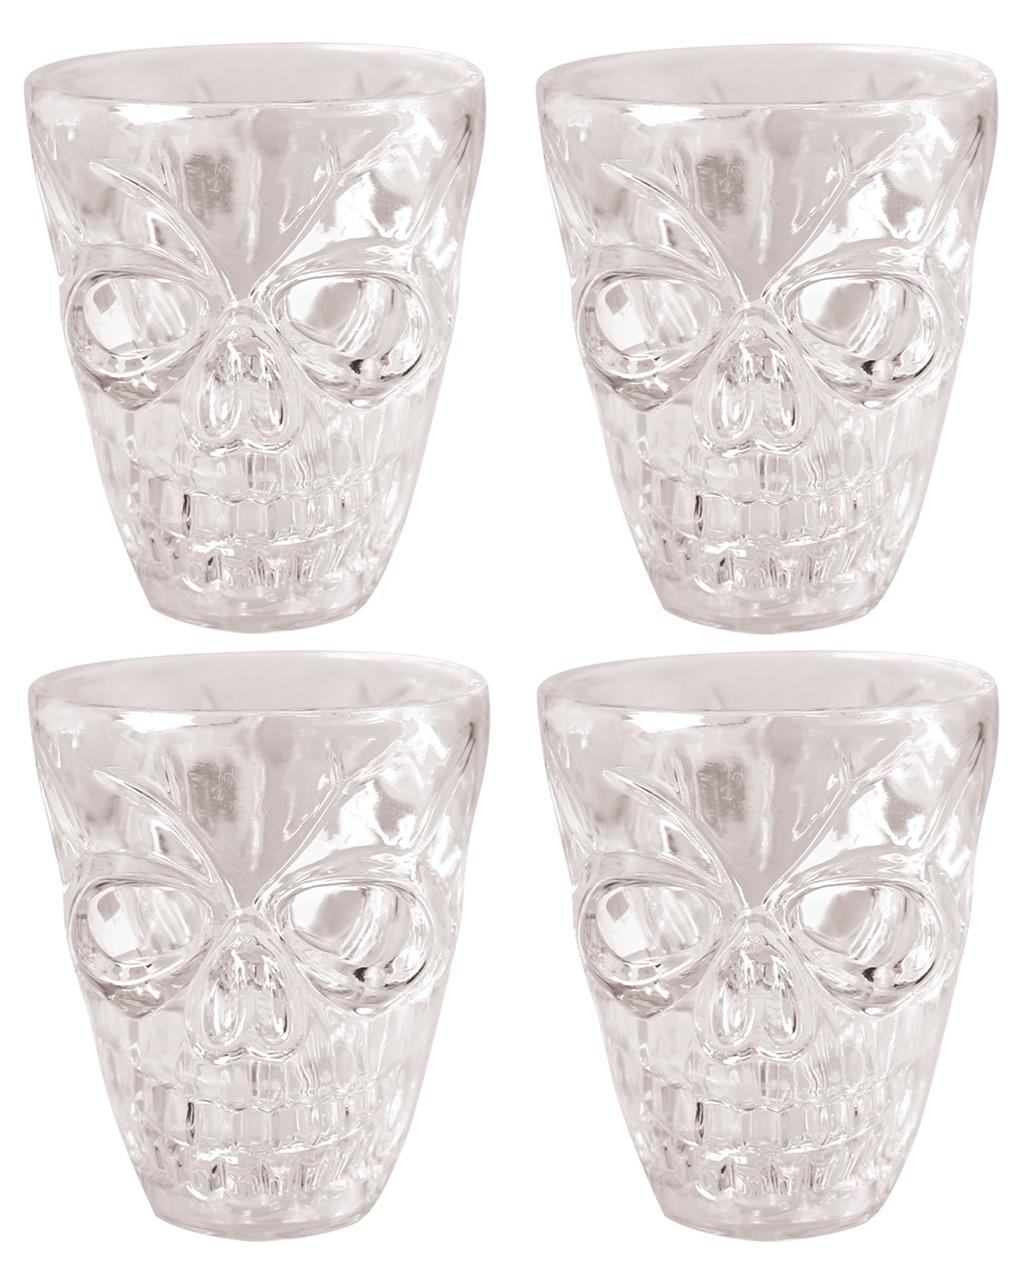 Totenkopf Shotglas 4 Stück | Skull Schnapsgläser | Horror-Shop.com